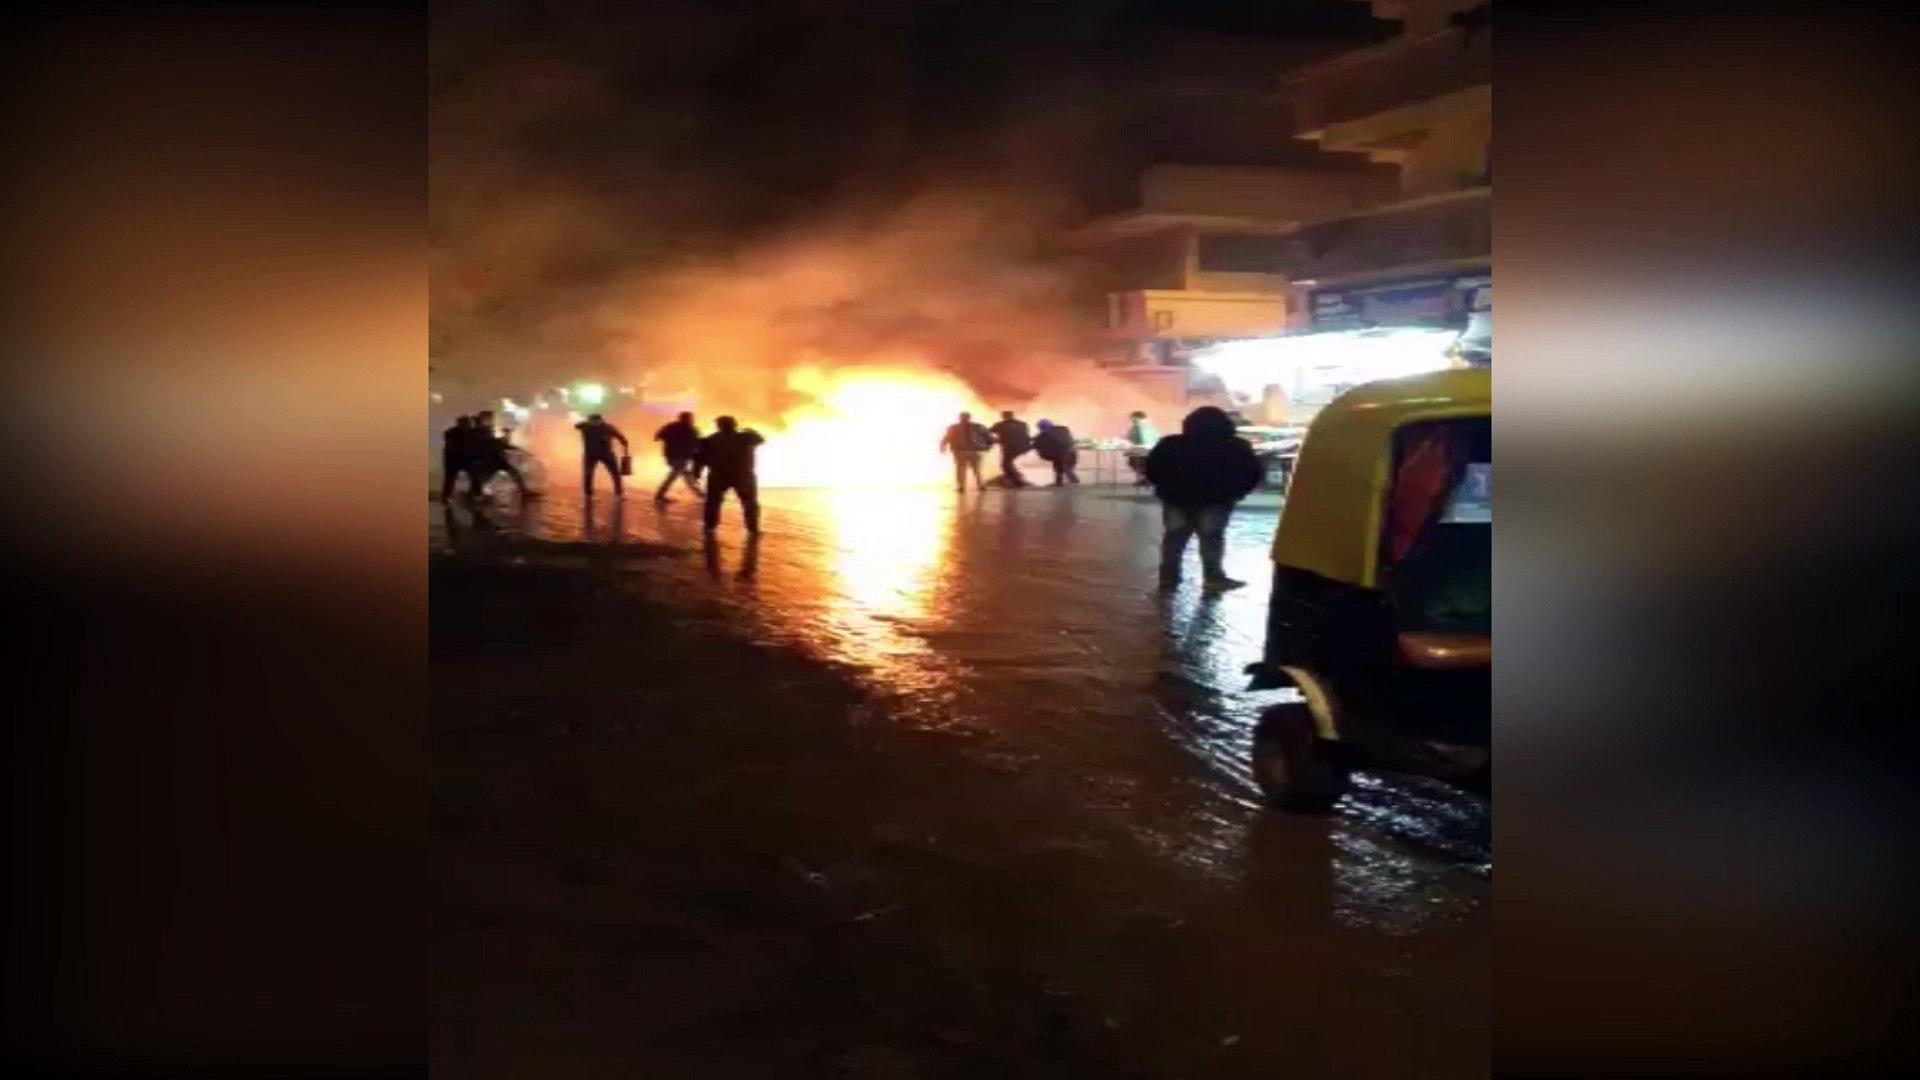 حريق توك توك بمدينة بيلا فى كفر الشيخ دون إصابات